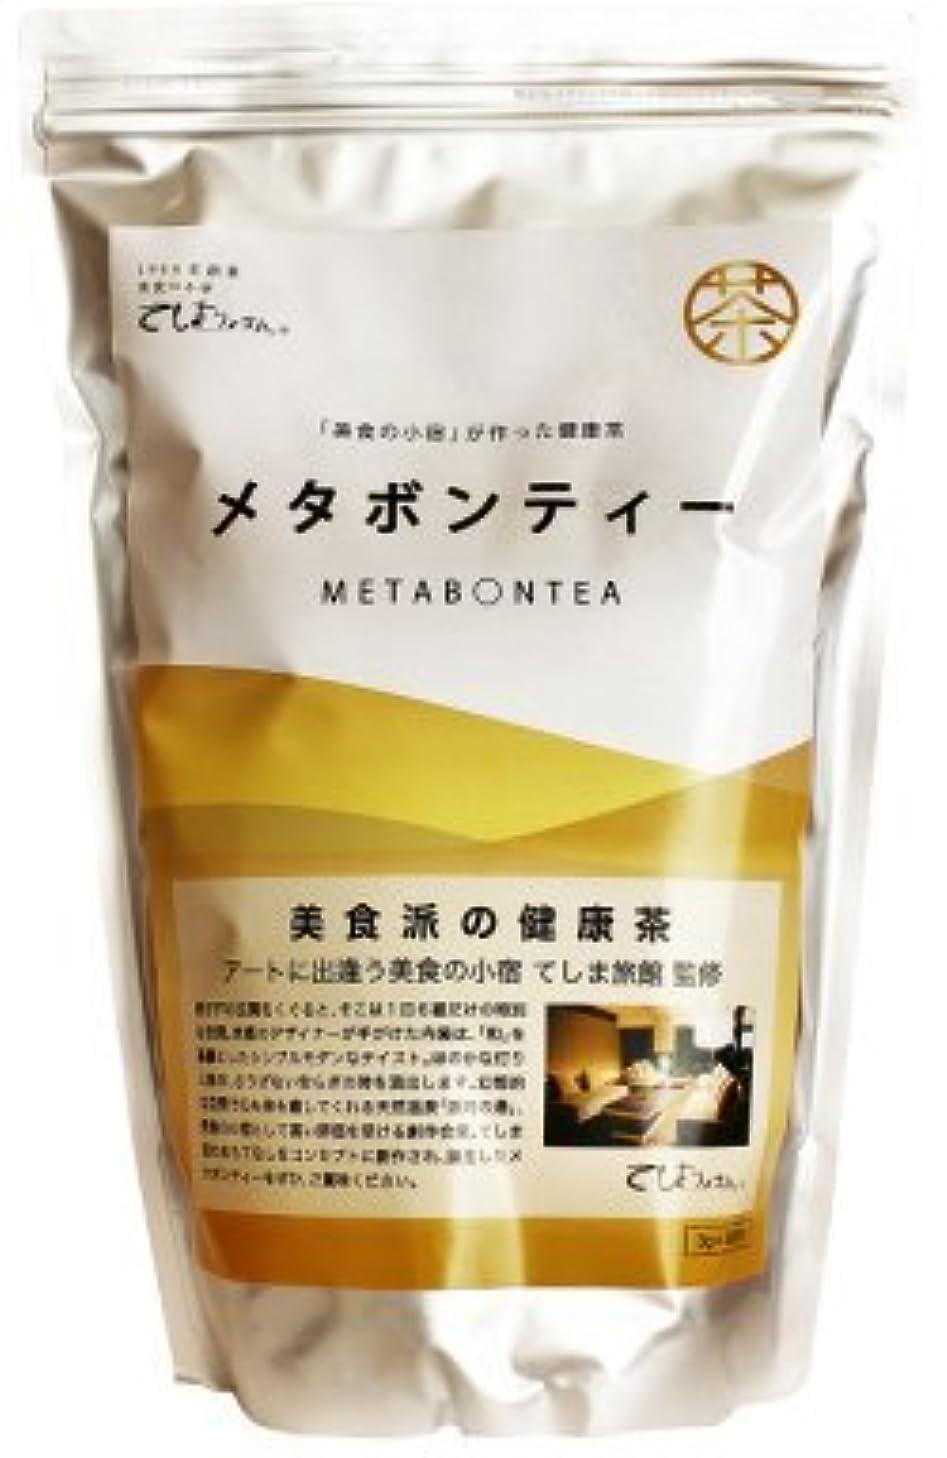 スティーブンソン南アメリカ白菜メタボンティー (100包)